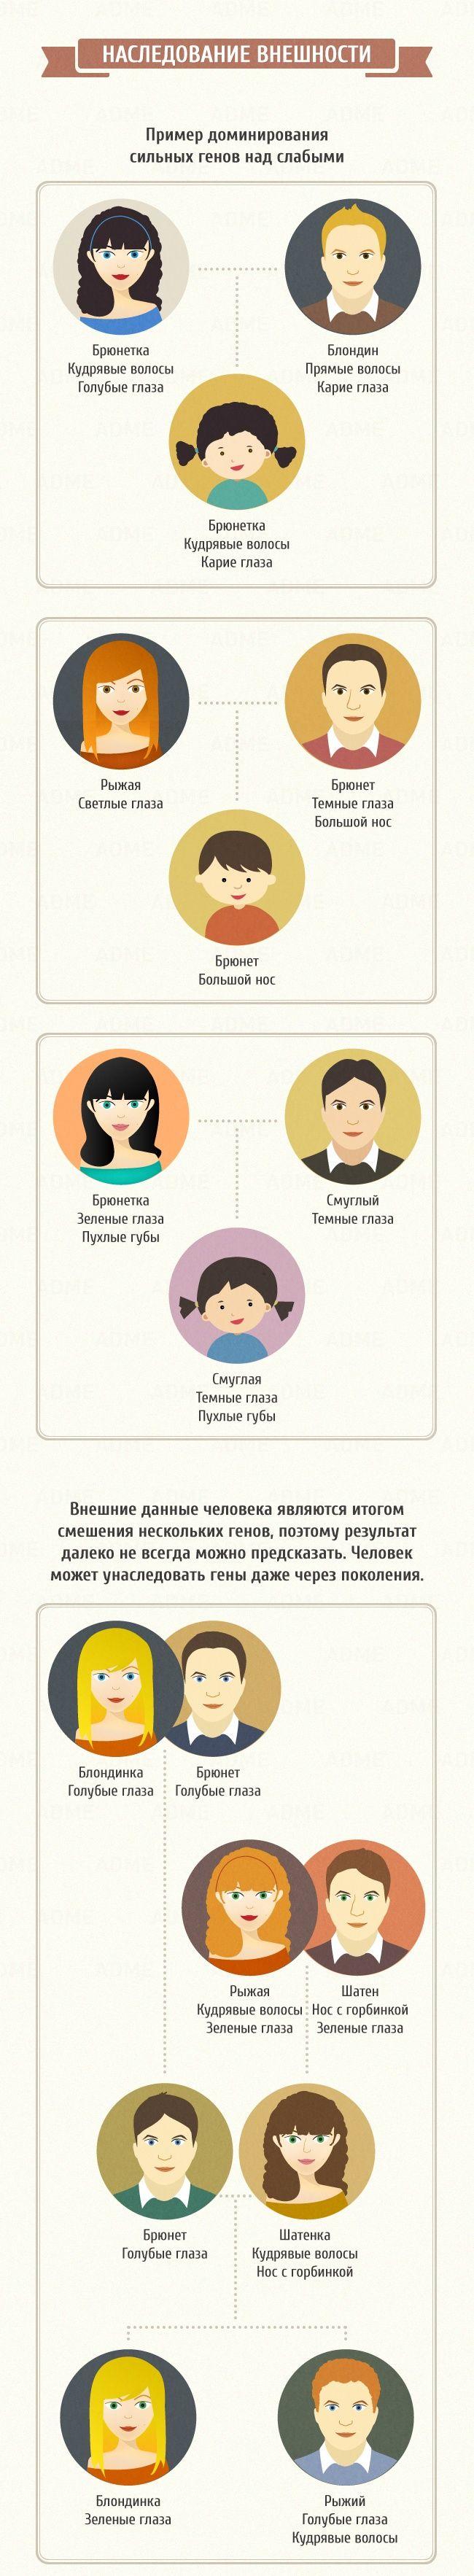 Как будет выглядеть ваш ребенок (3 картинки)